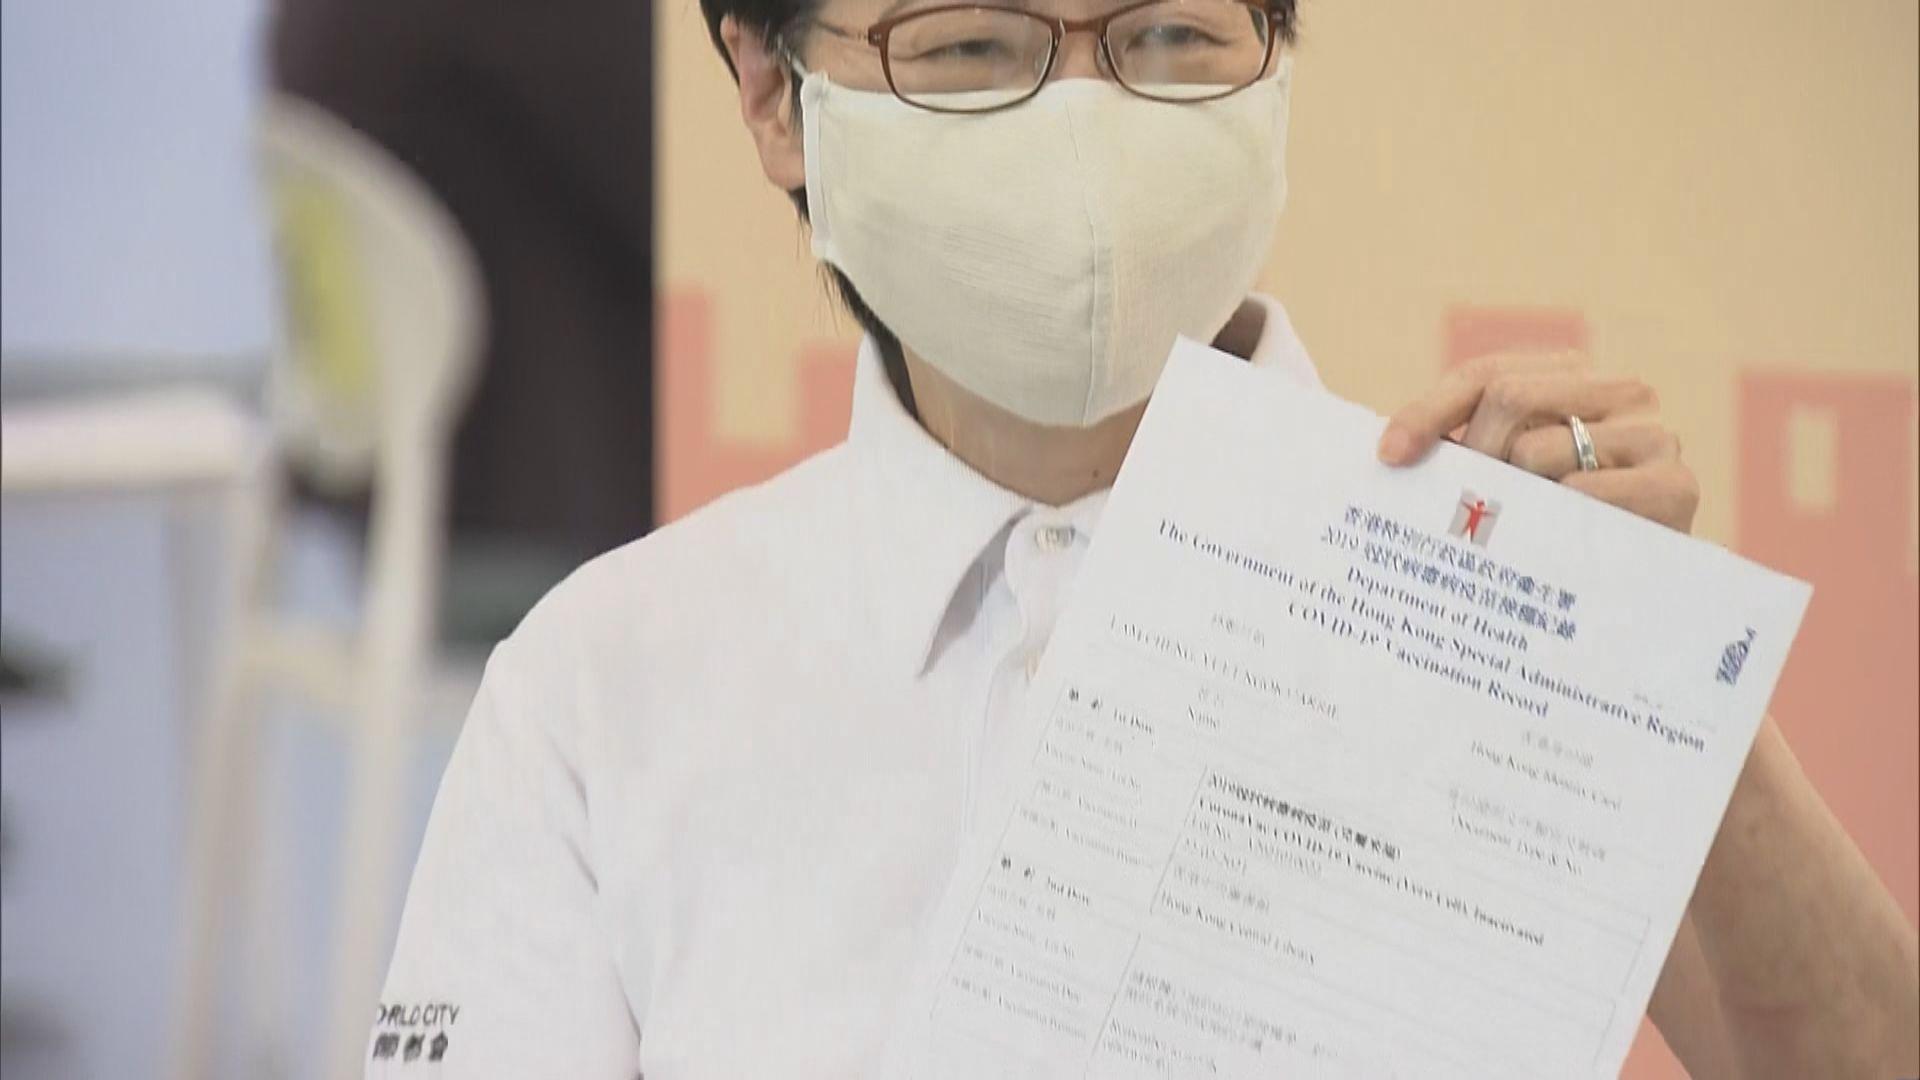 與多名司局長接種科興疫苗 林鄭:接種疫苗助經濟恢復